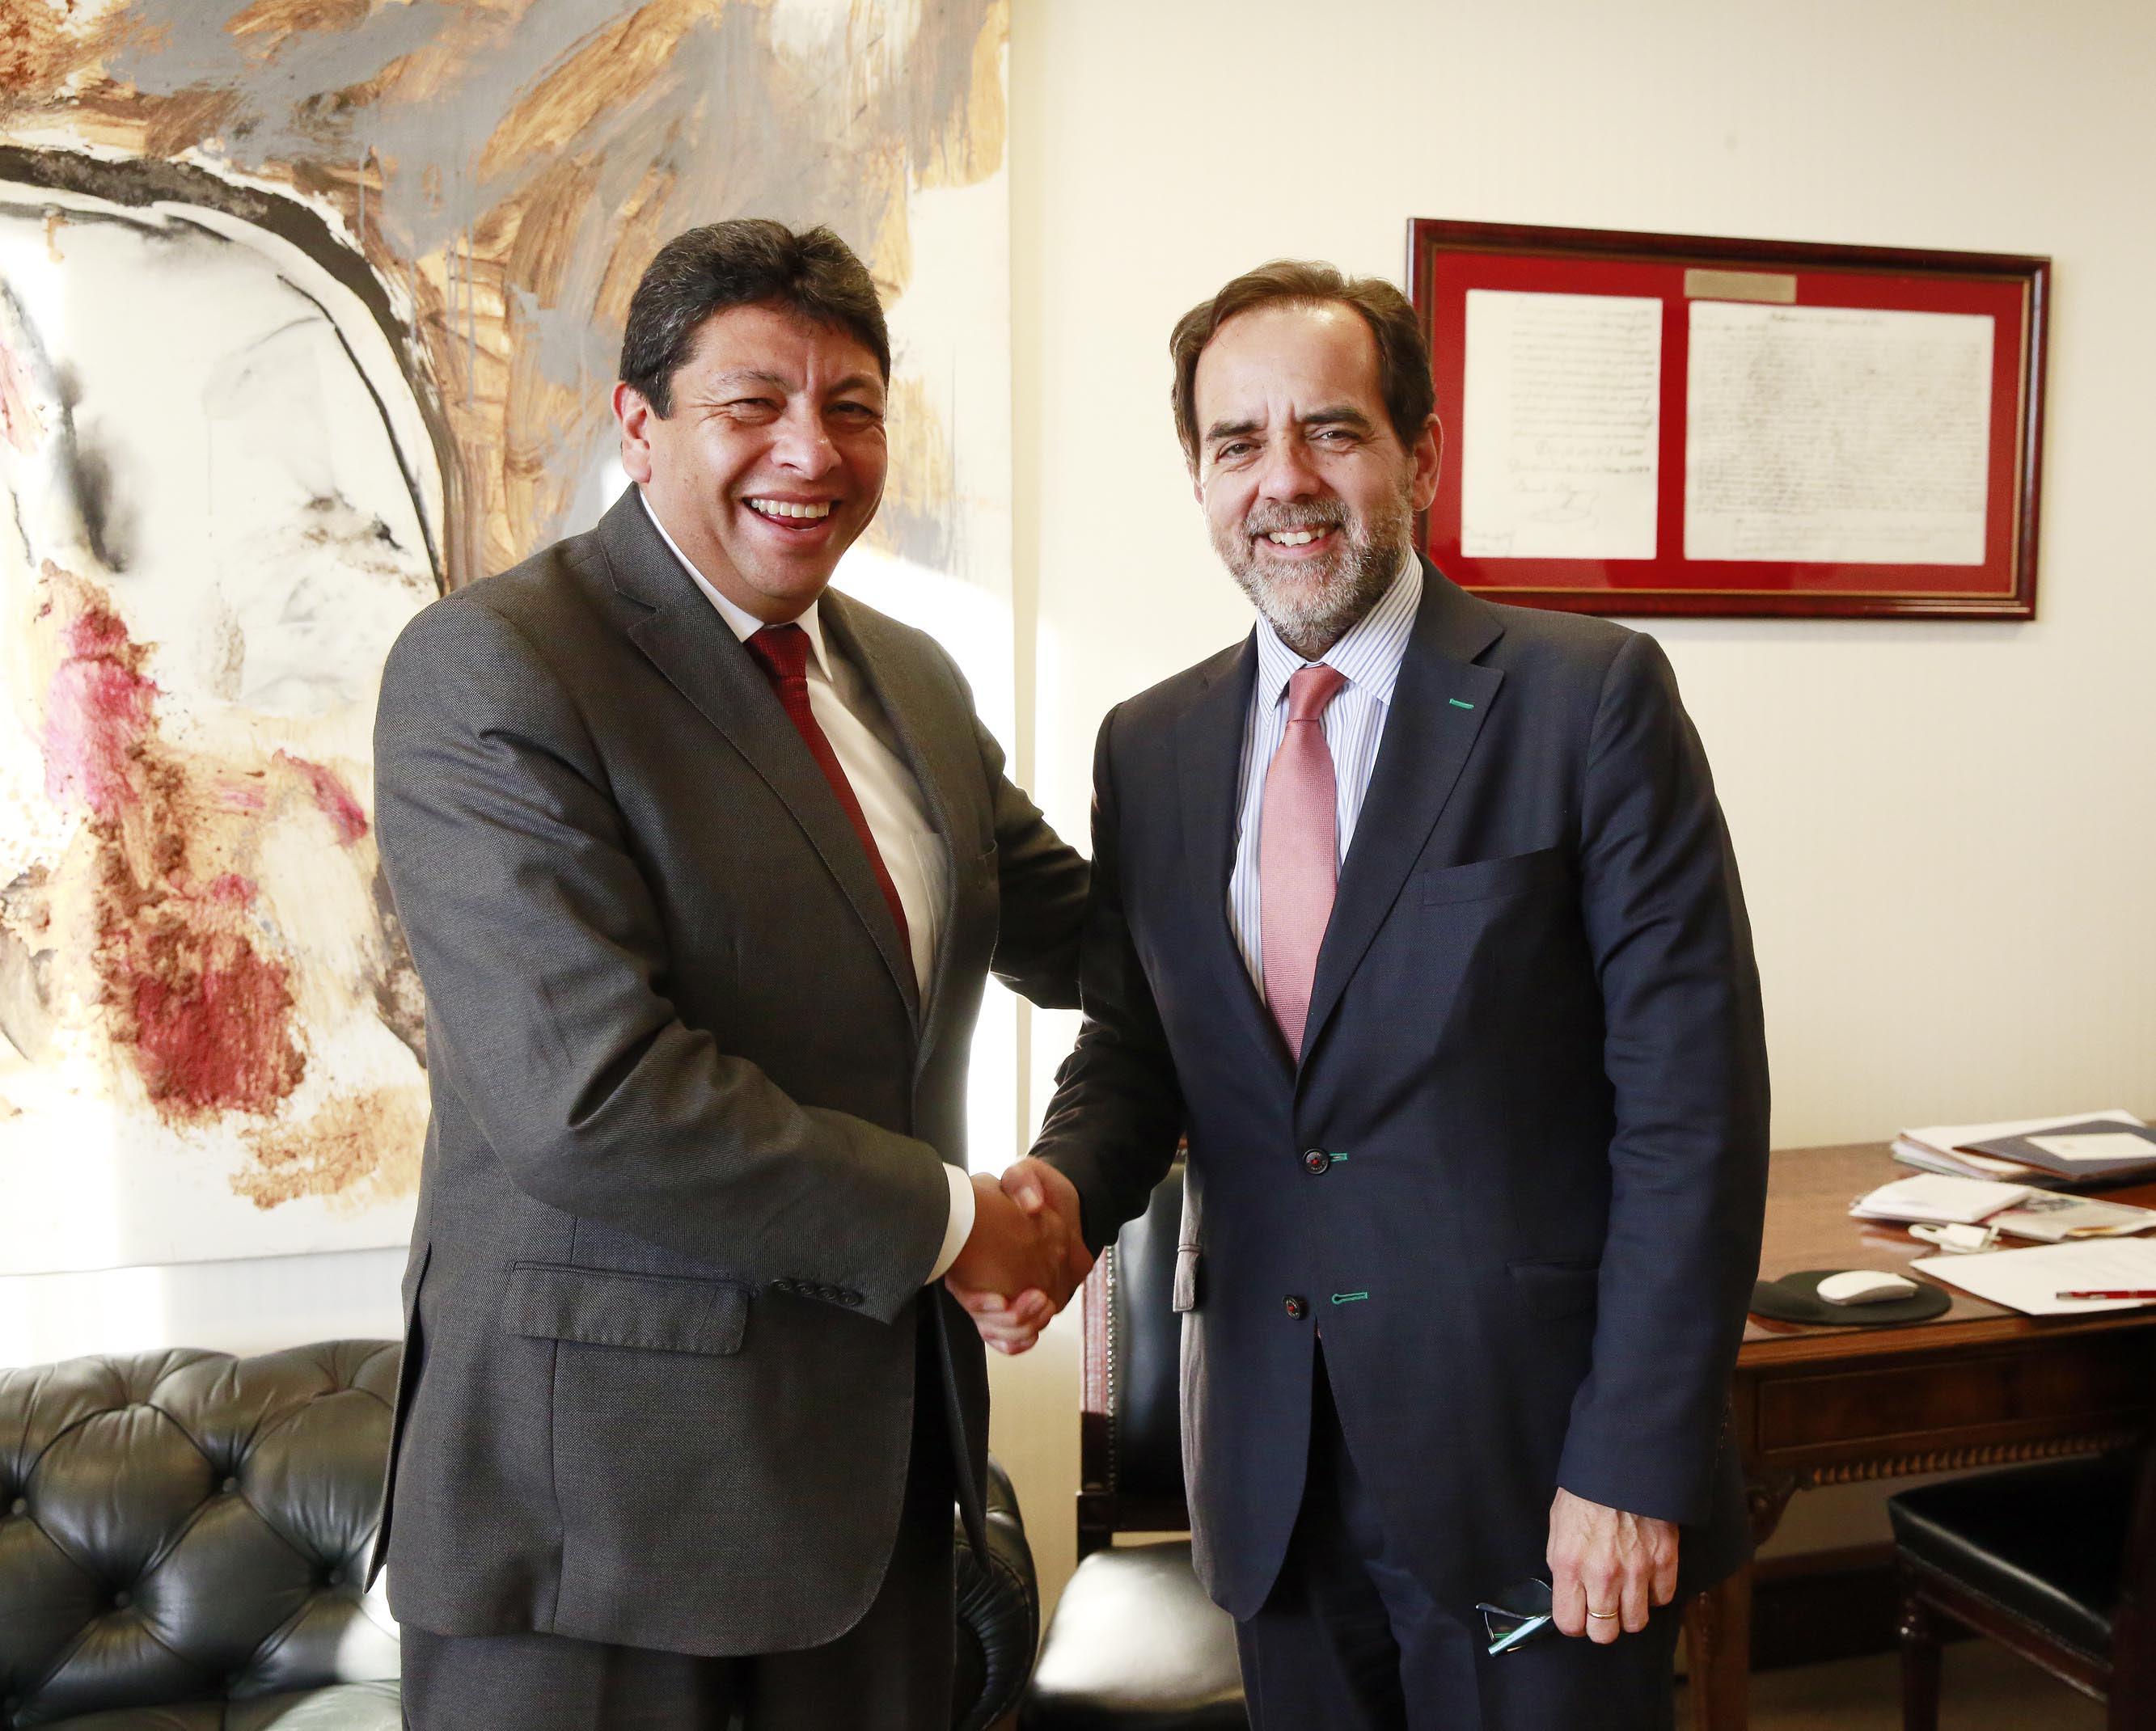 Autoridades de oposición instan al Gobierno a nombrar o ratificar pronto al nuevo Intendente